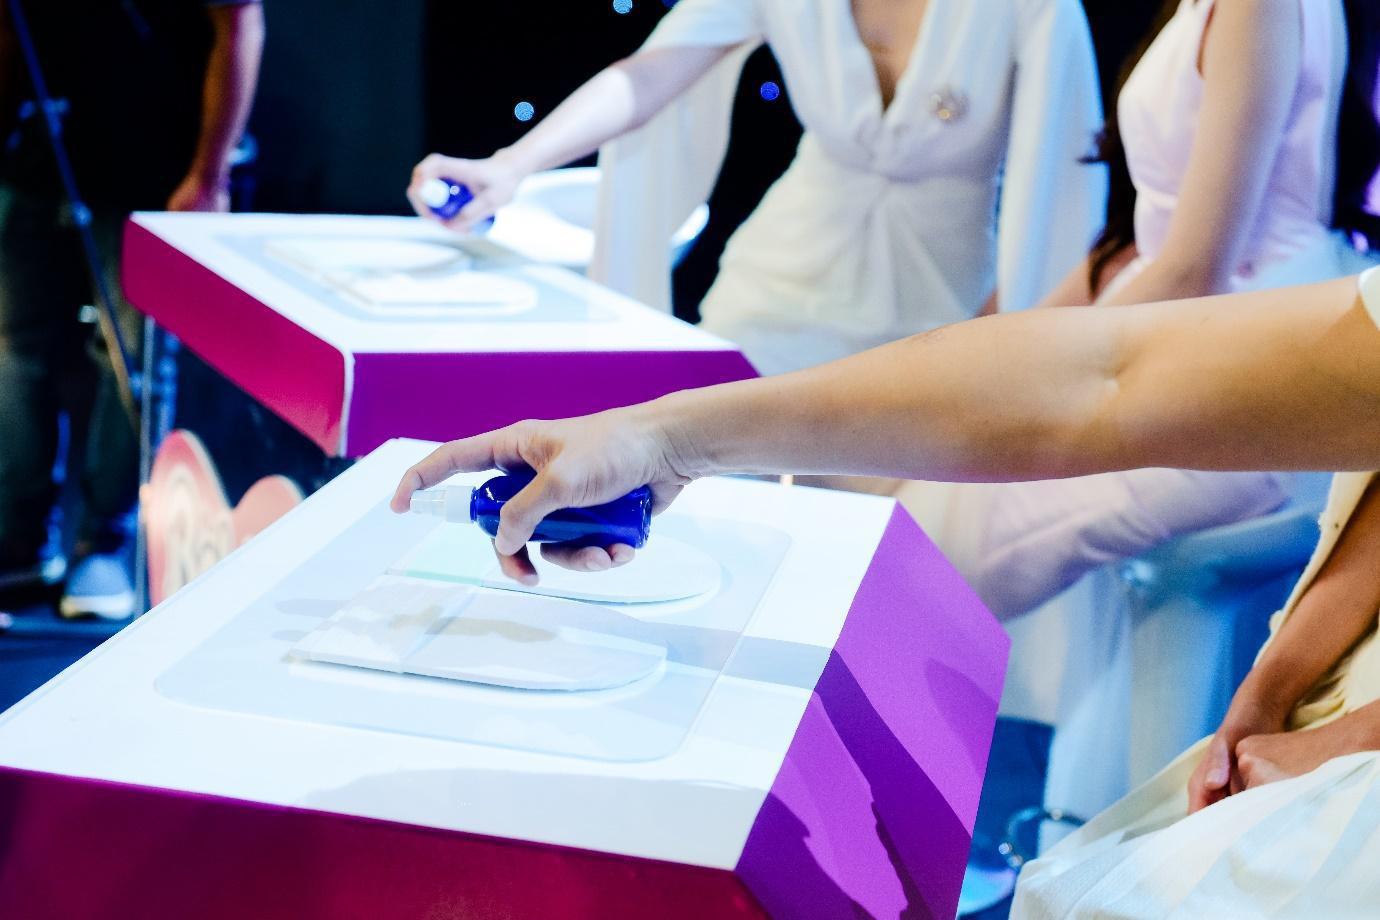 """Điều gì khiến dàn khách mời siêu mẫu Lan Khuê, Á hậu Tú Anh kinh ngạc trong sự kiện """"hạ cánh"""" siêu phẩm từ nhãn hiệu tã nổi tiếng? - Ảnh 3."""